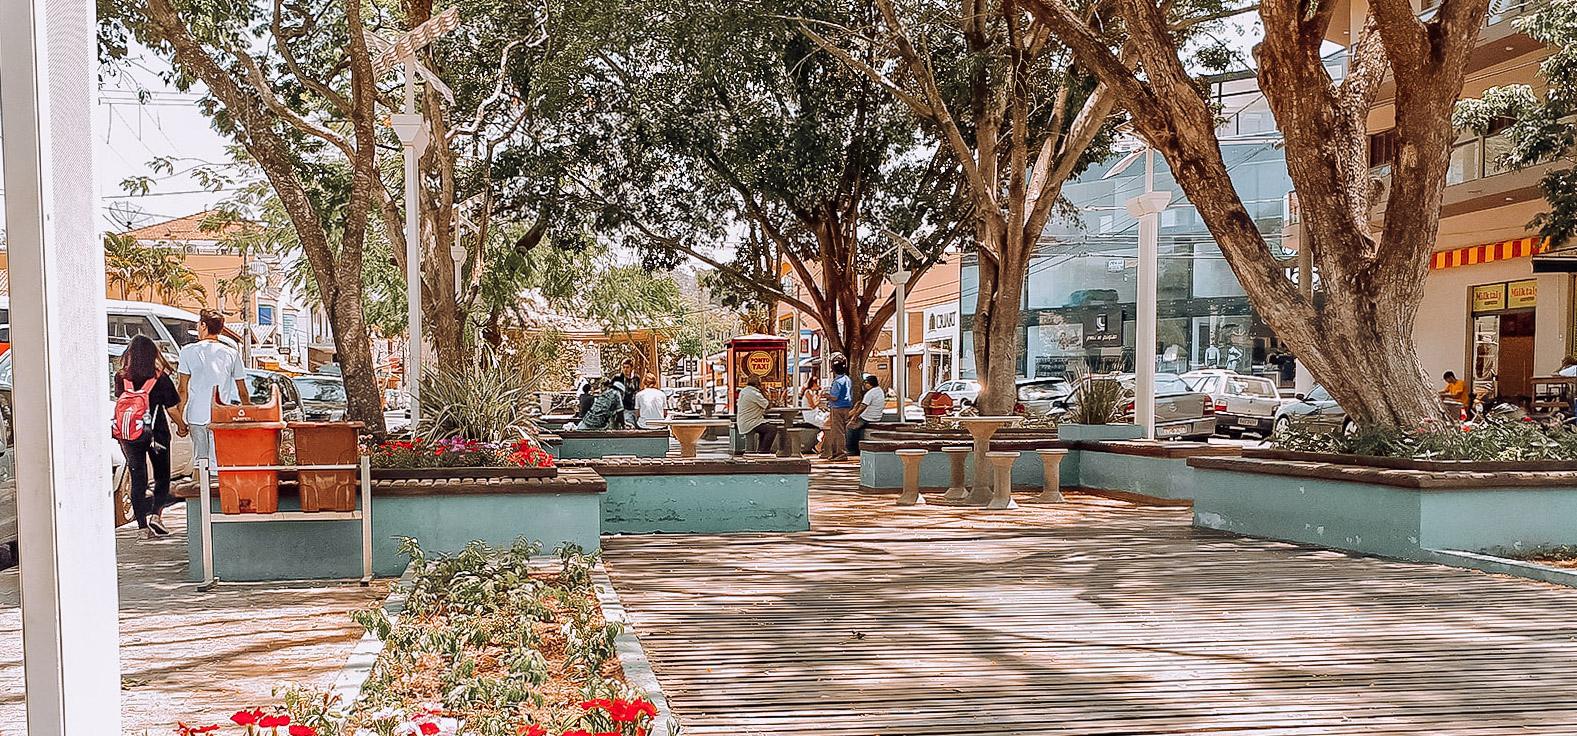 Praça dos Rouxinóis Fontes Luminosas em Águas de São Pedro | Portal Serra do Itaquerí